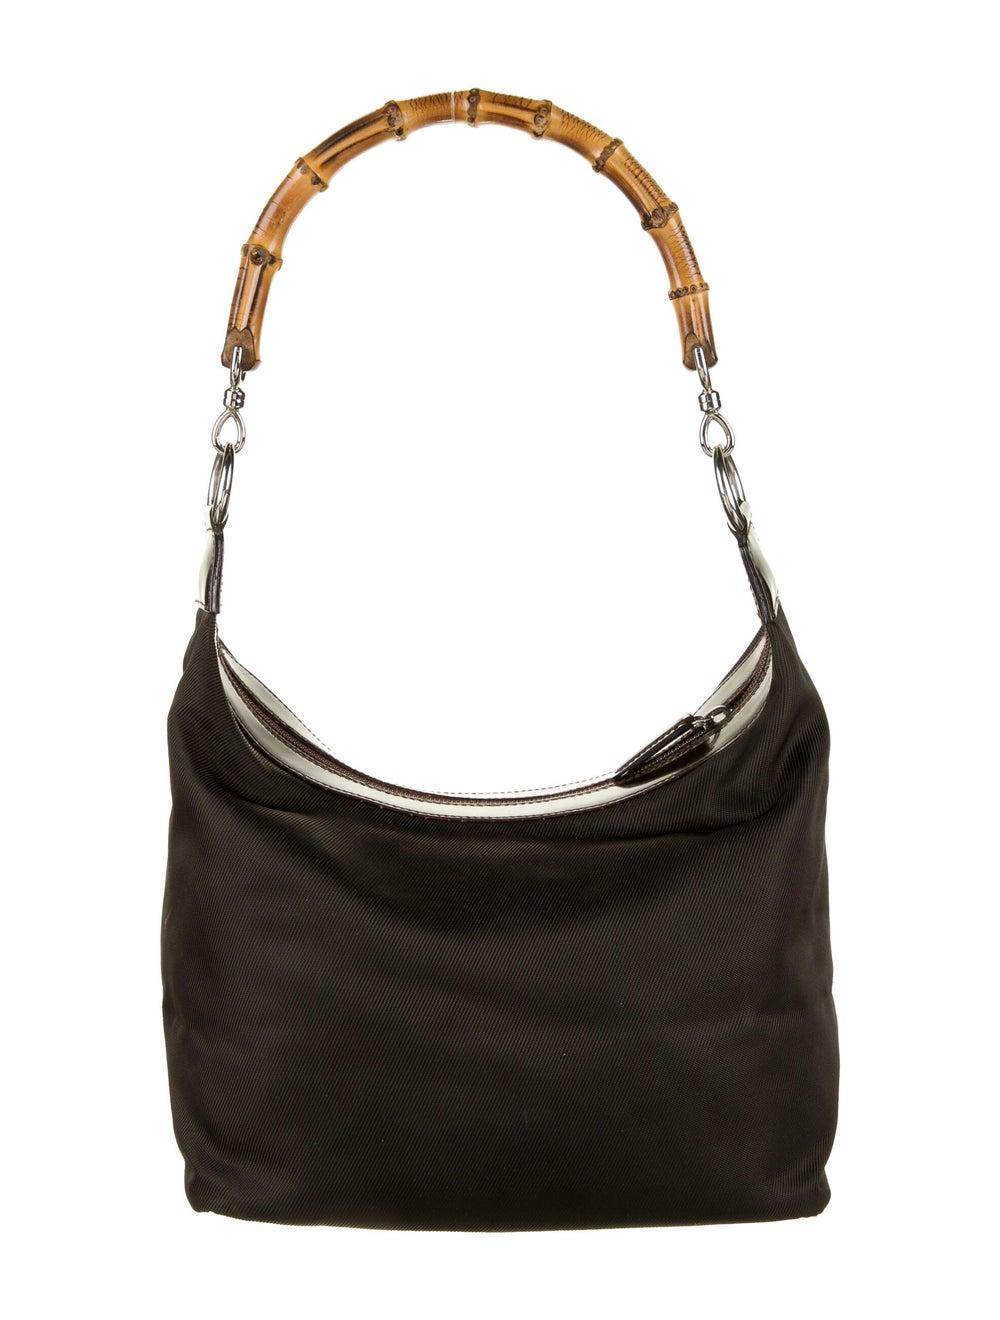 Gucci Vintage Bamboo Nylon Shoulder Bag Brown - image 4